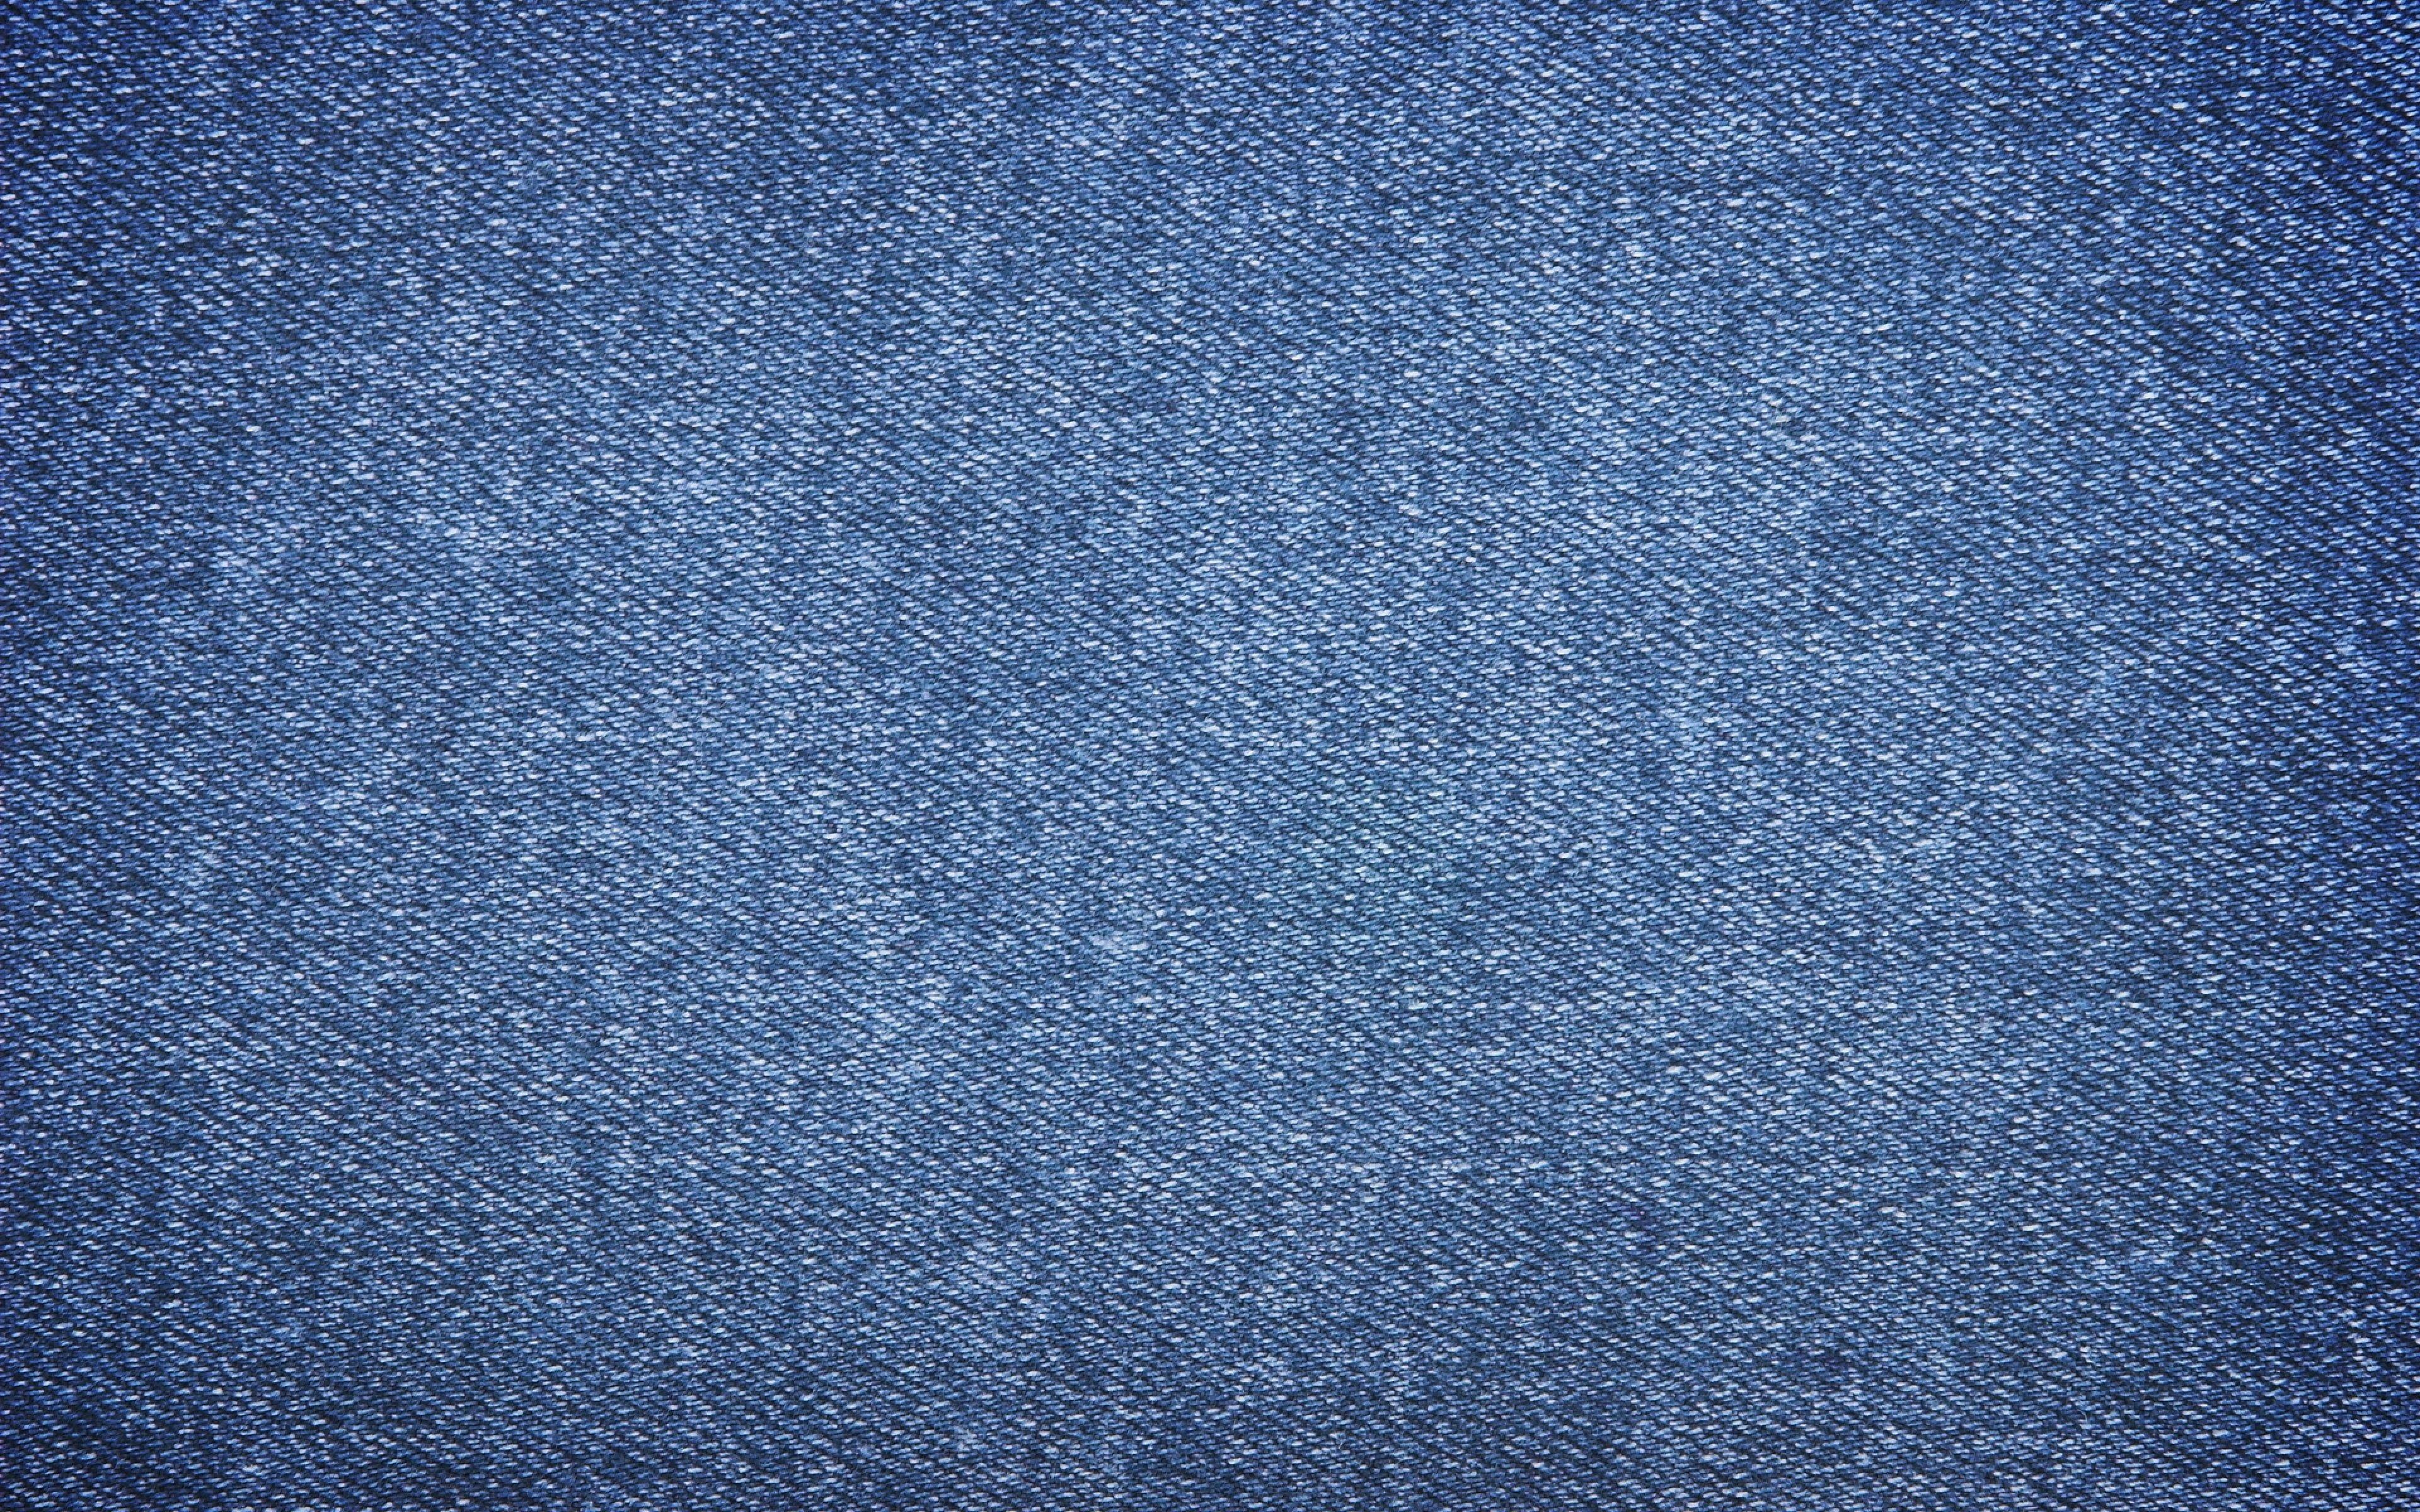 Wallpaper Textura De Mezclilla Images